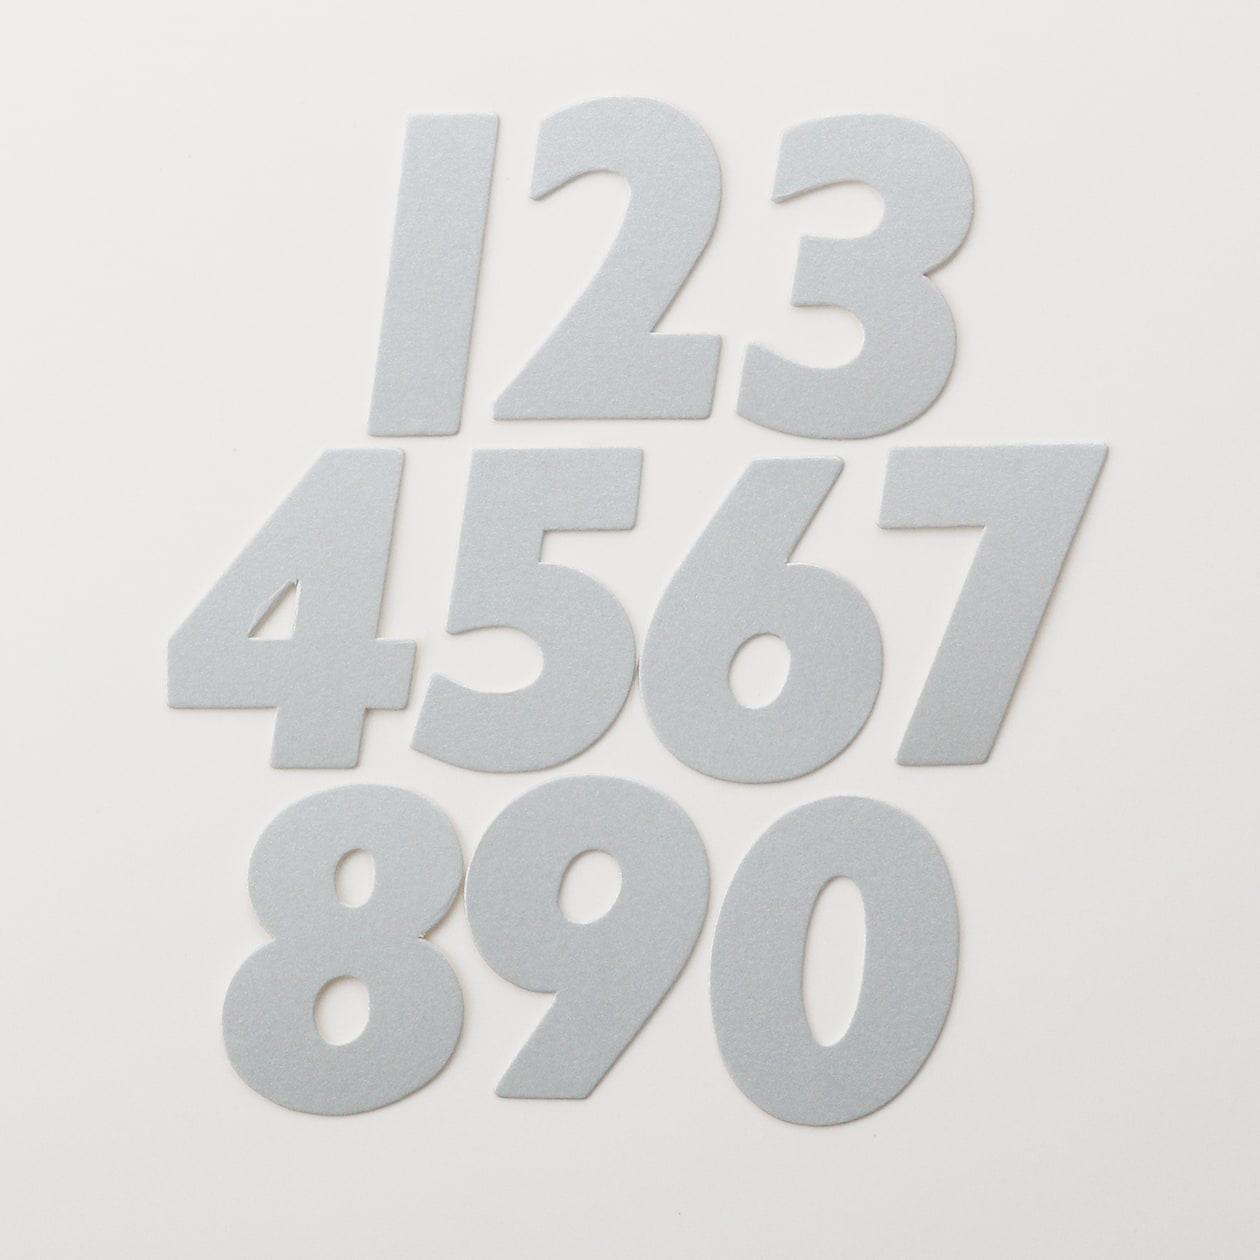 No.395ボード ネームカードDC 数字 10枚セット